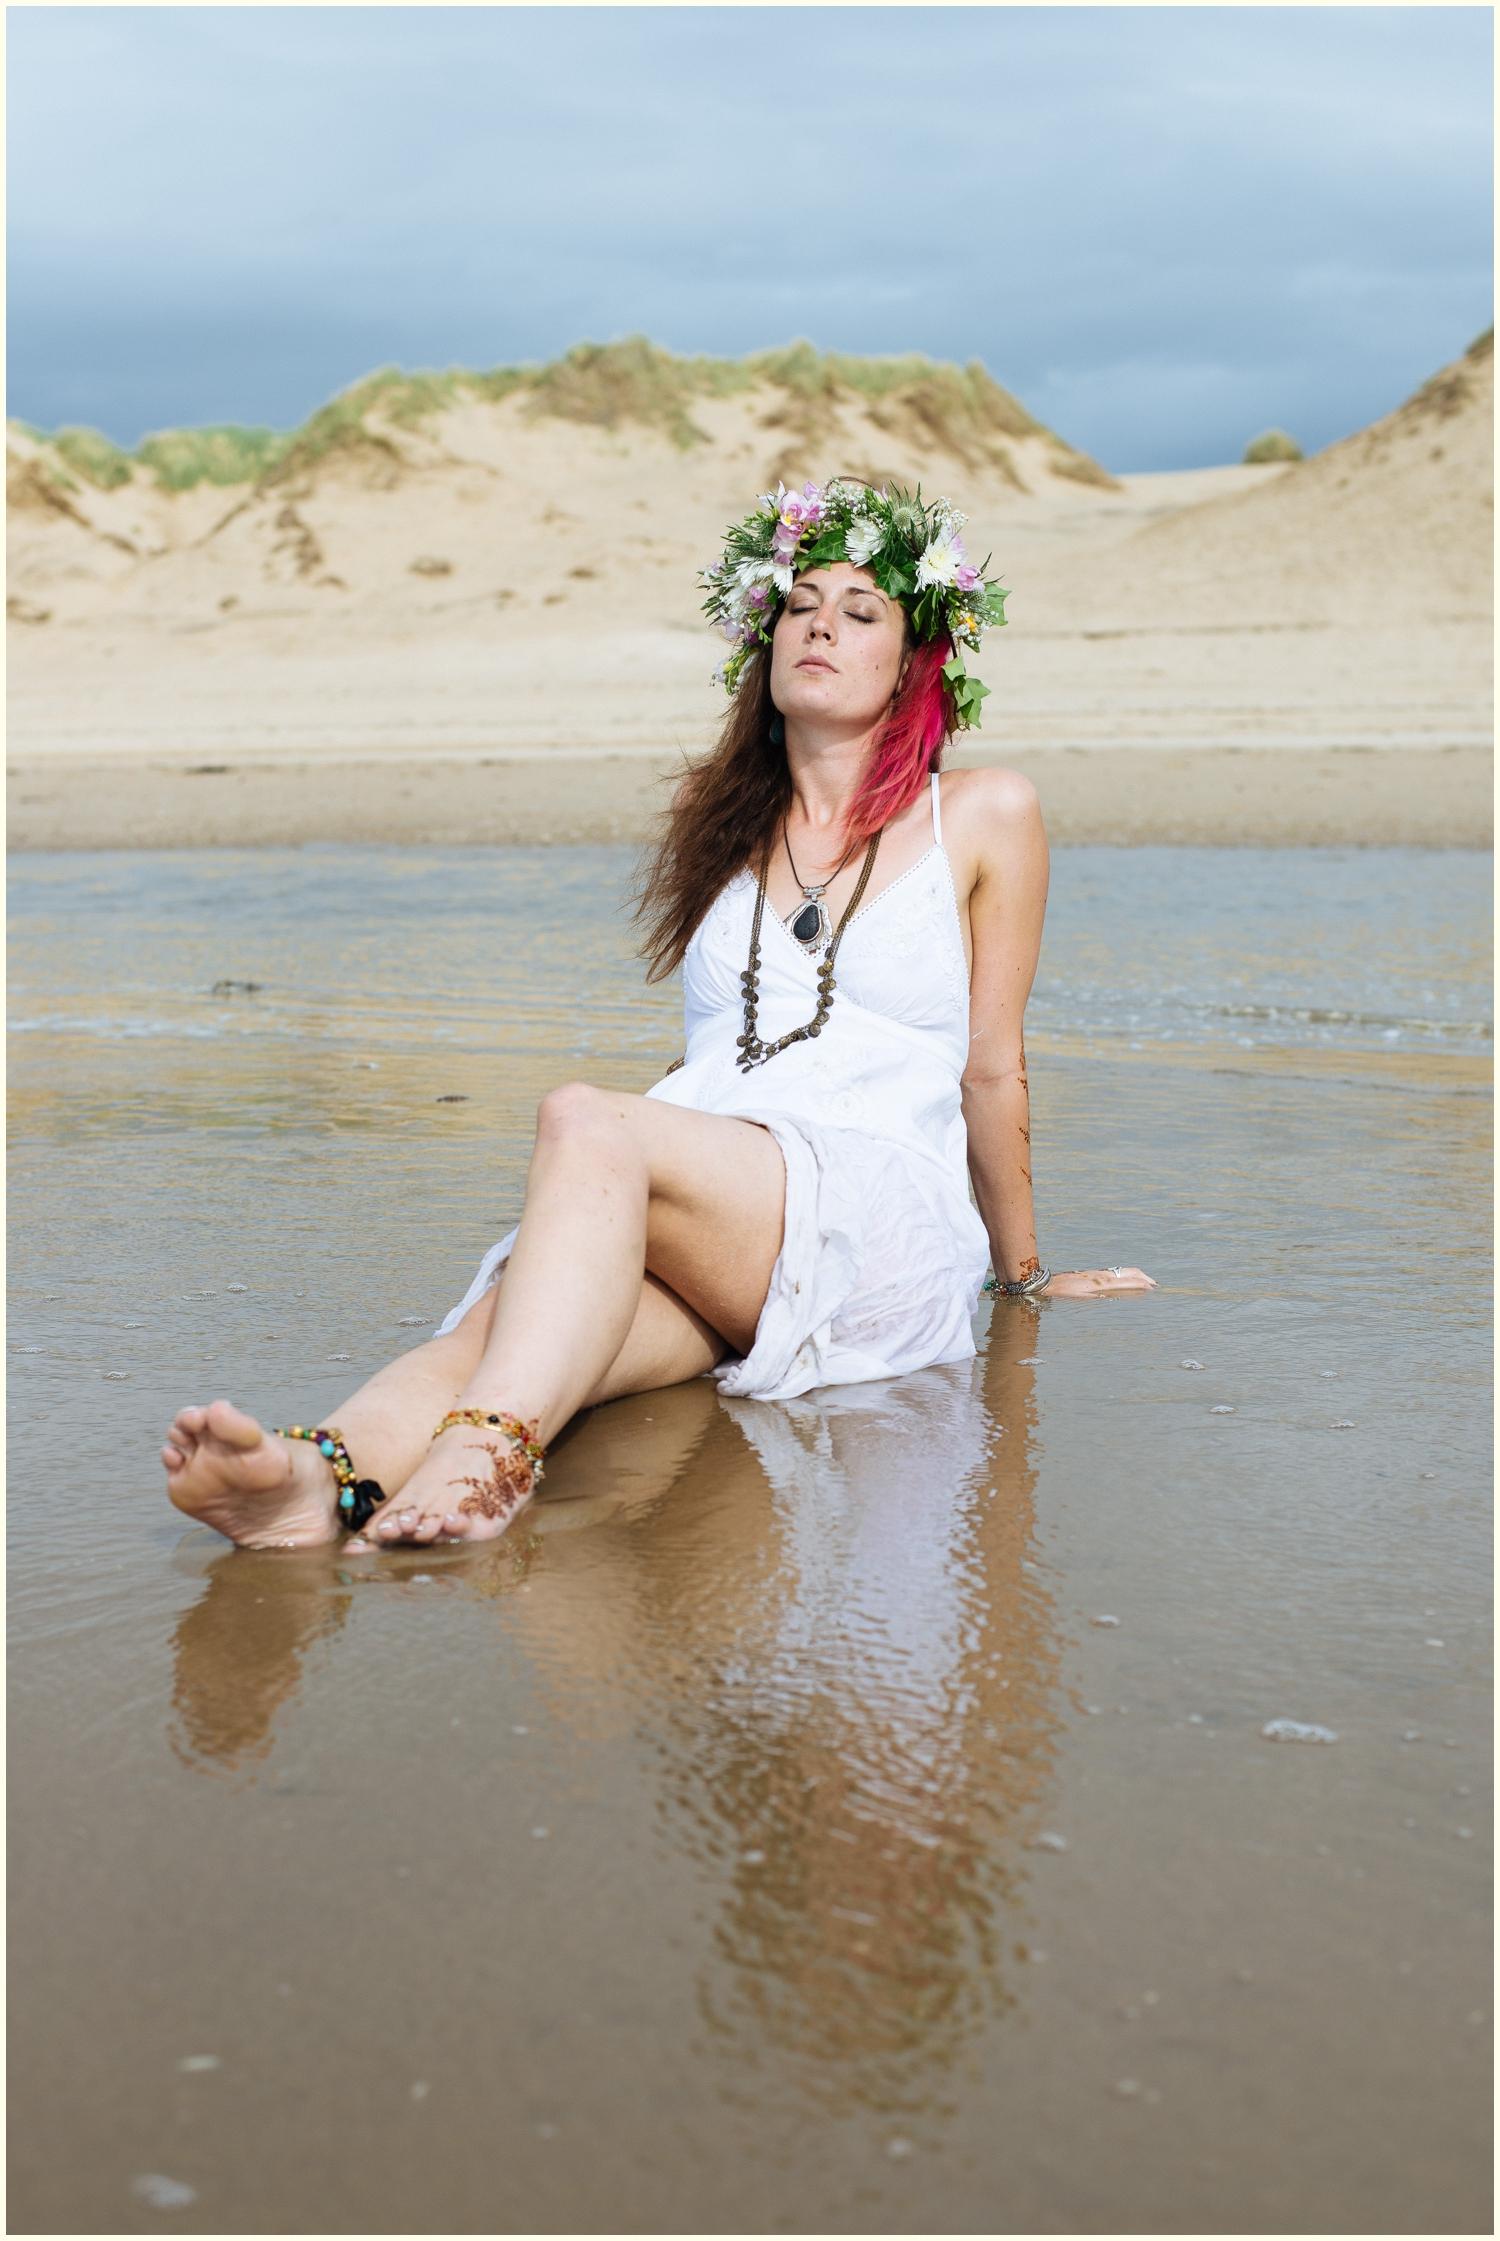 Kiara-Boho-Beach-Bride-1037.jpg